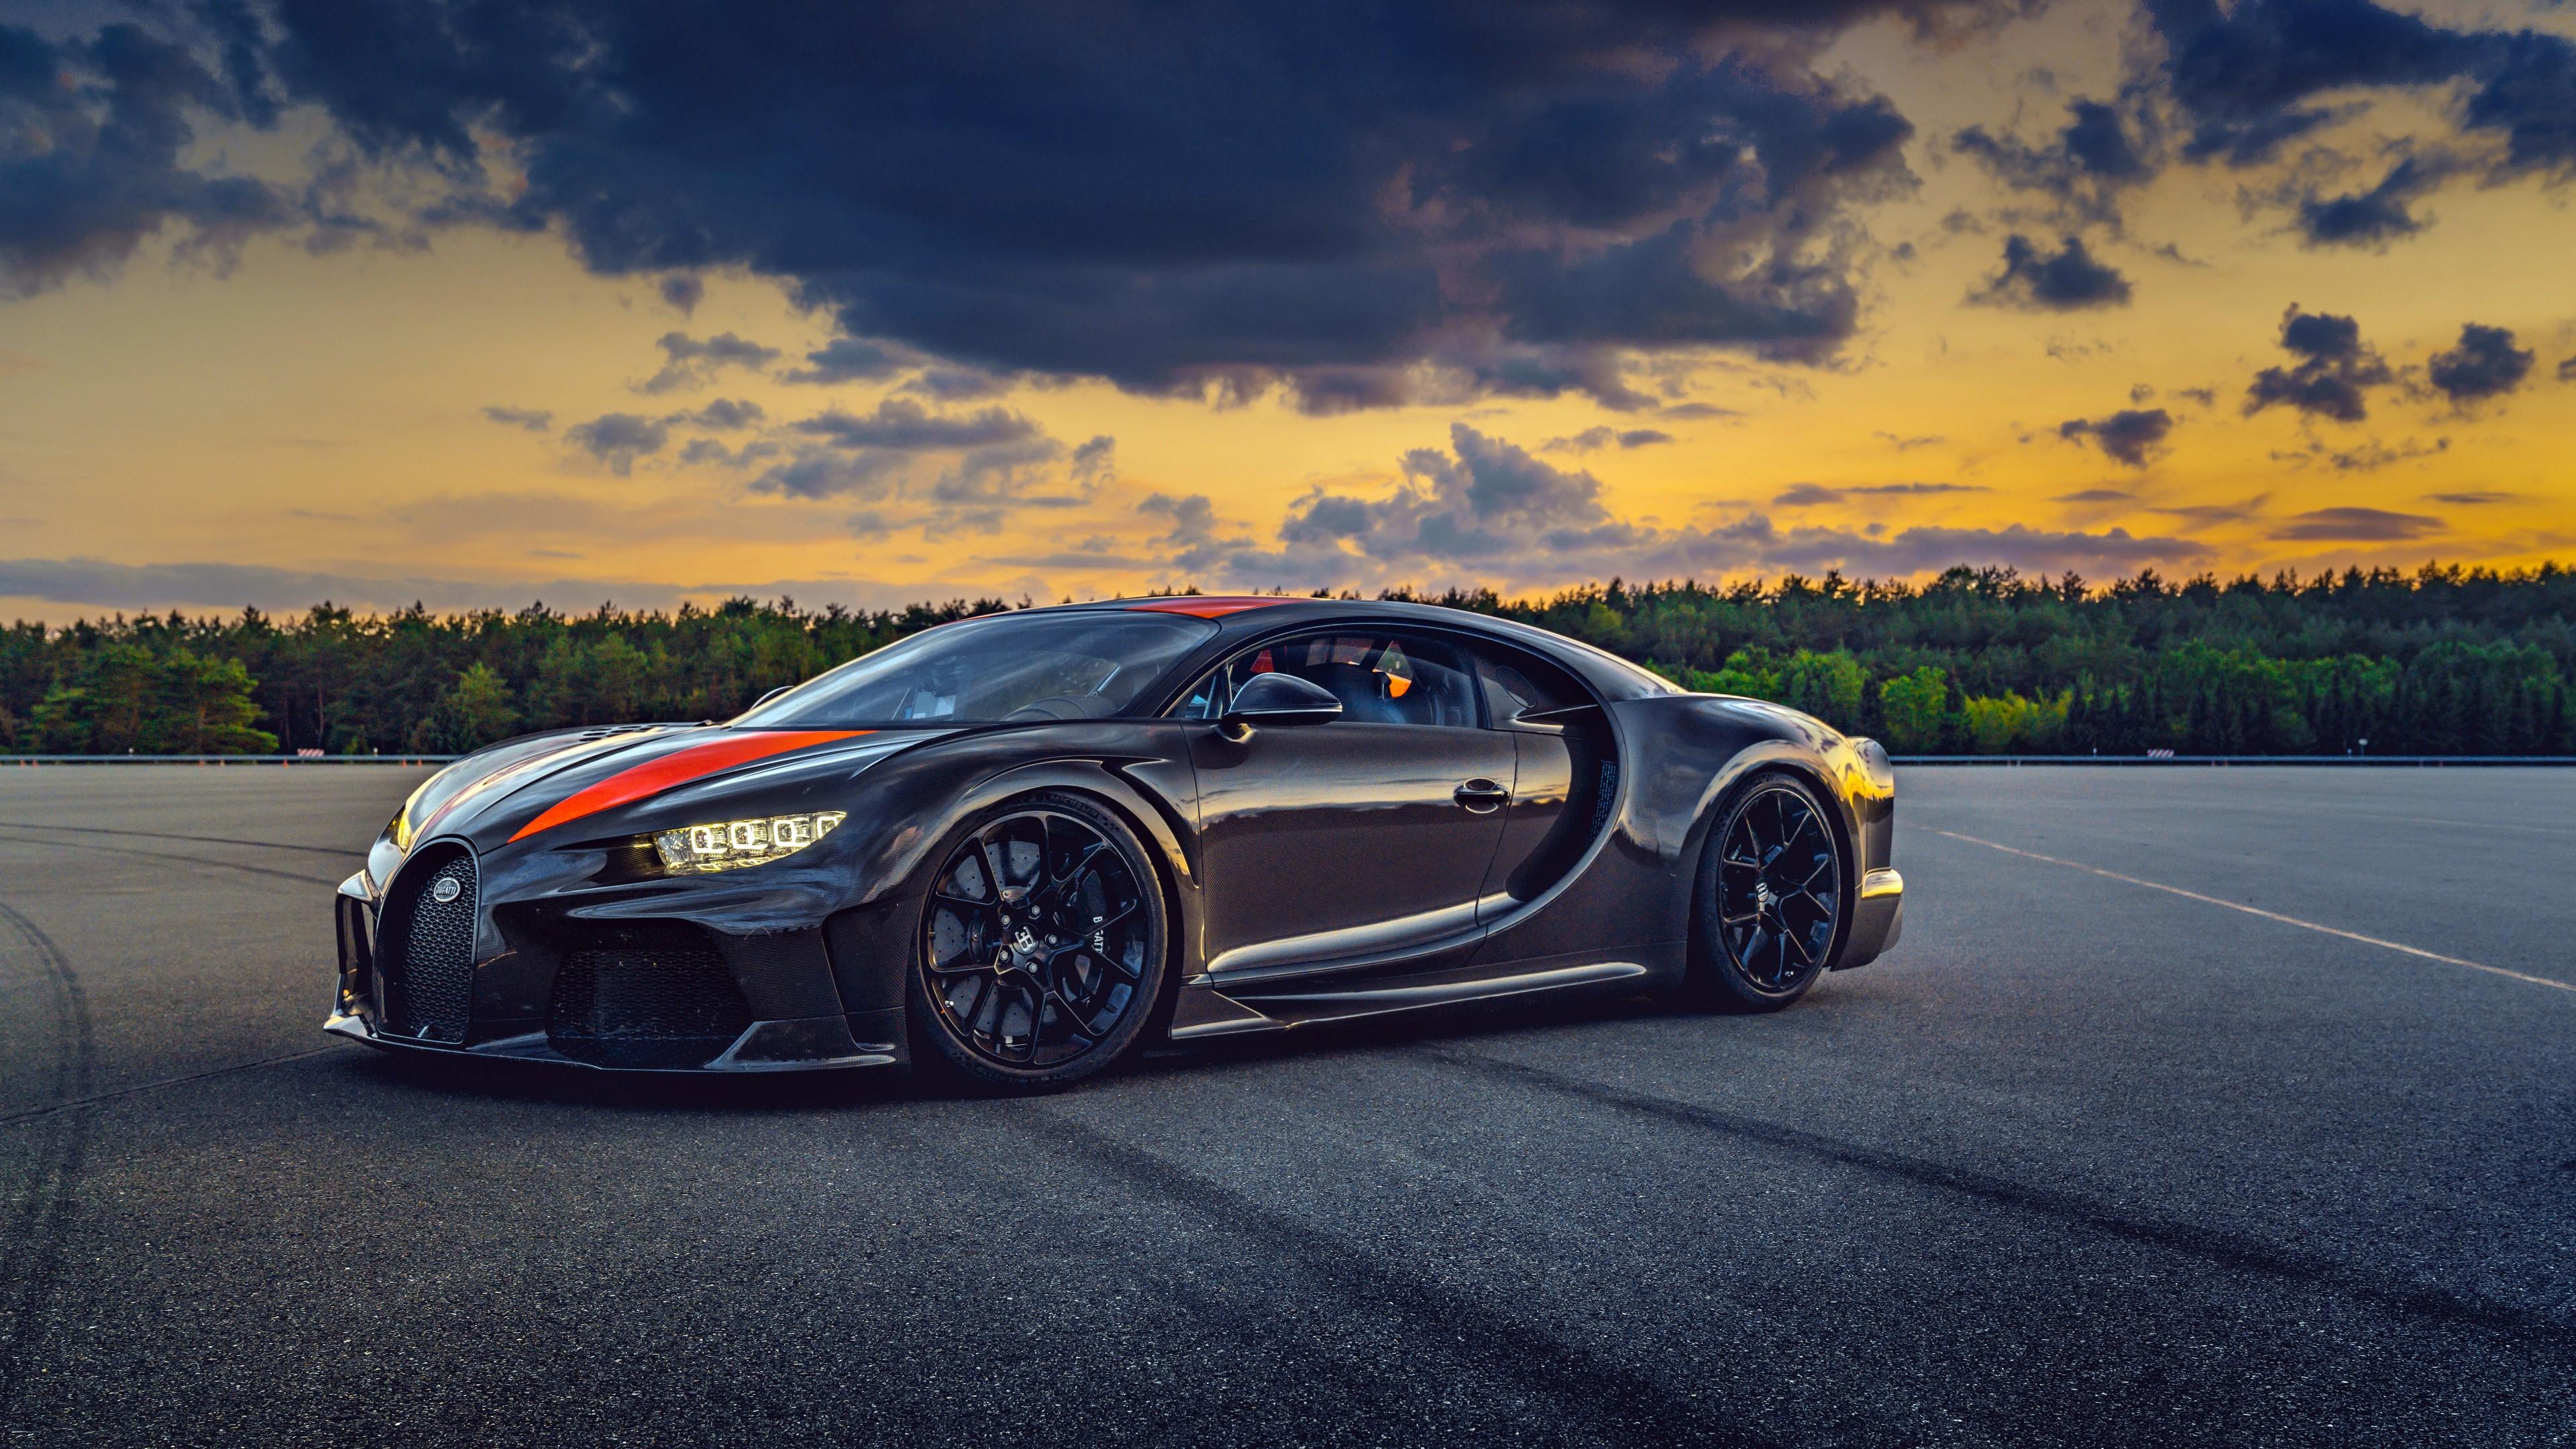 Bugatti Chiron Super Sport 300 Prototype 2019 4k 8k Wallpaper Hd Car Wallpapers Id 13965